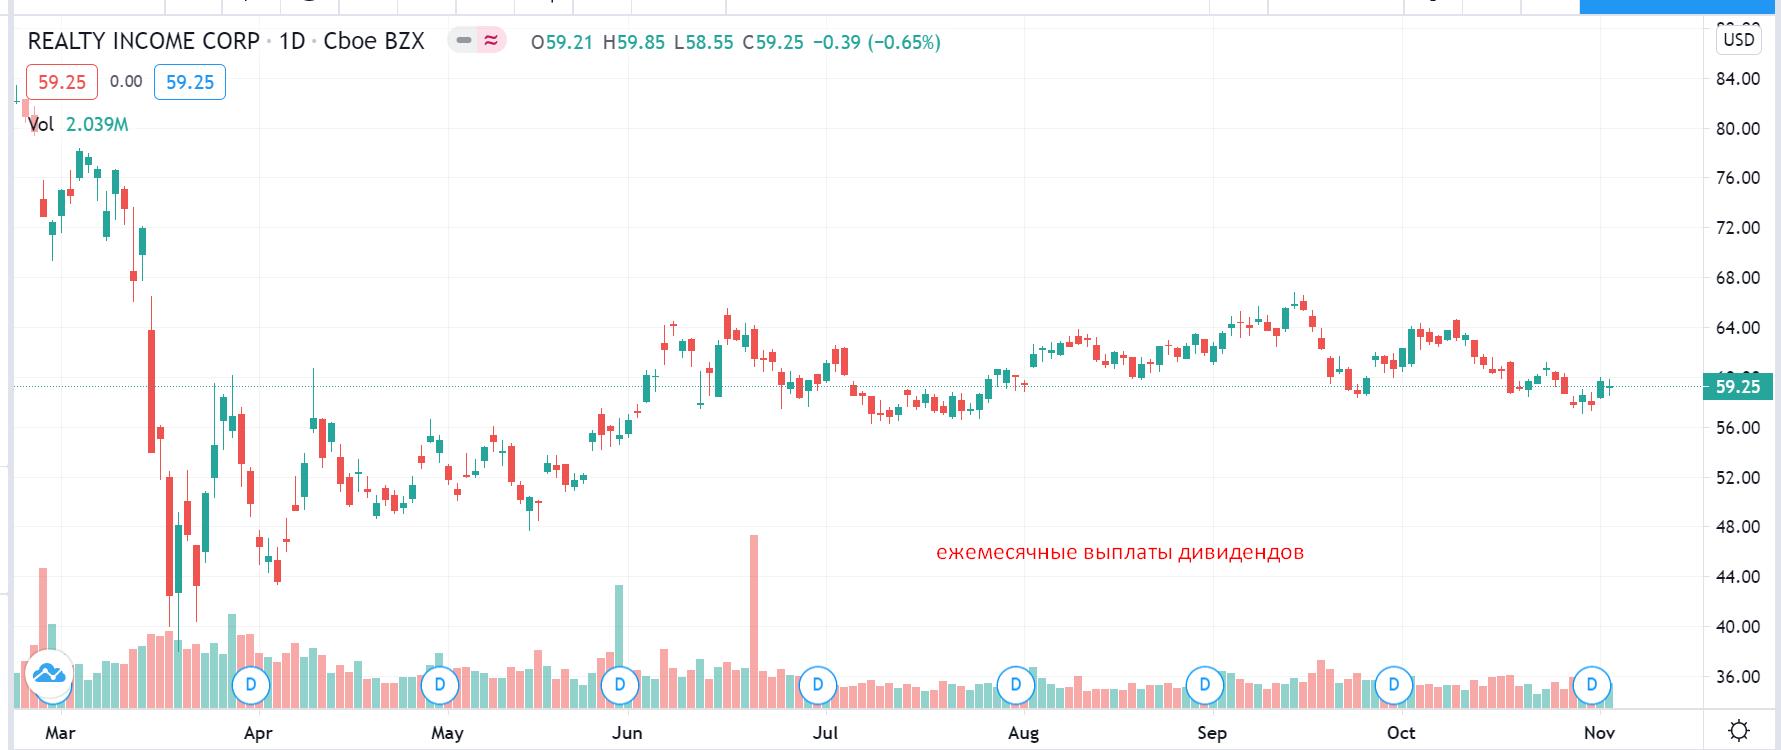 Ежемесячные выплаты на графике в tradingview.com